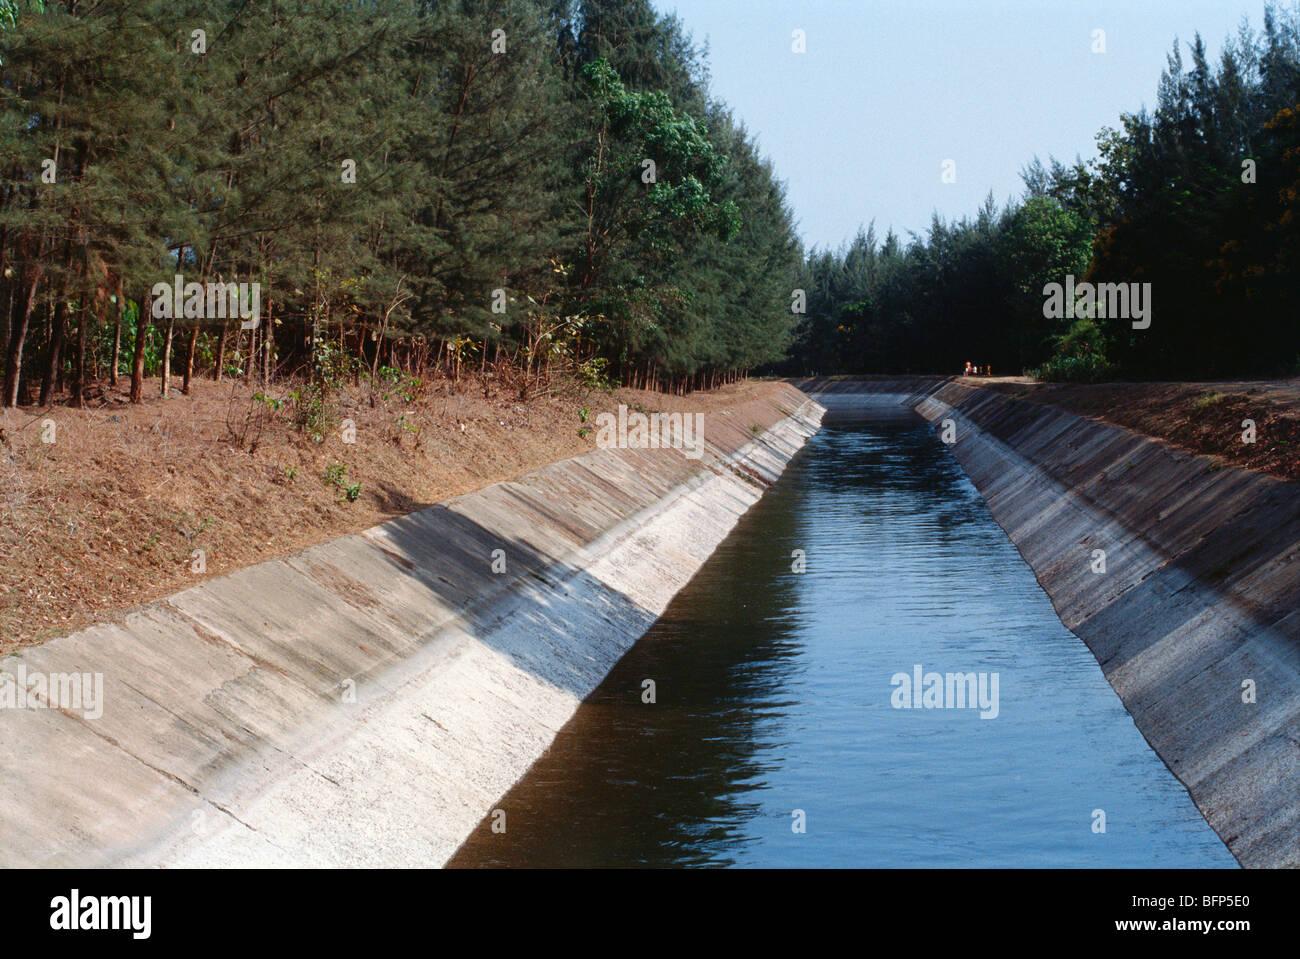 World S Water Canals : Water canal madhavan dam silvassa gujarat india